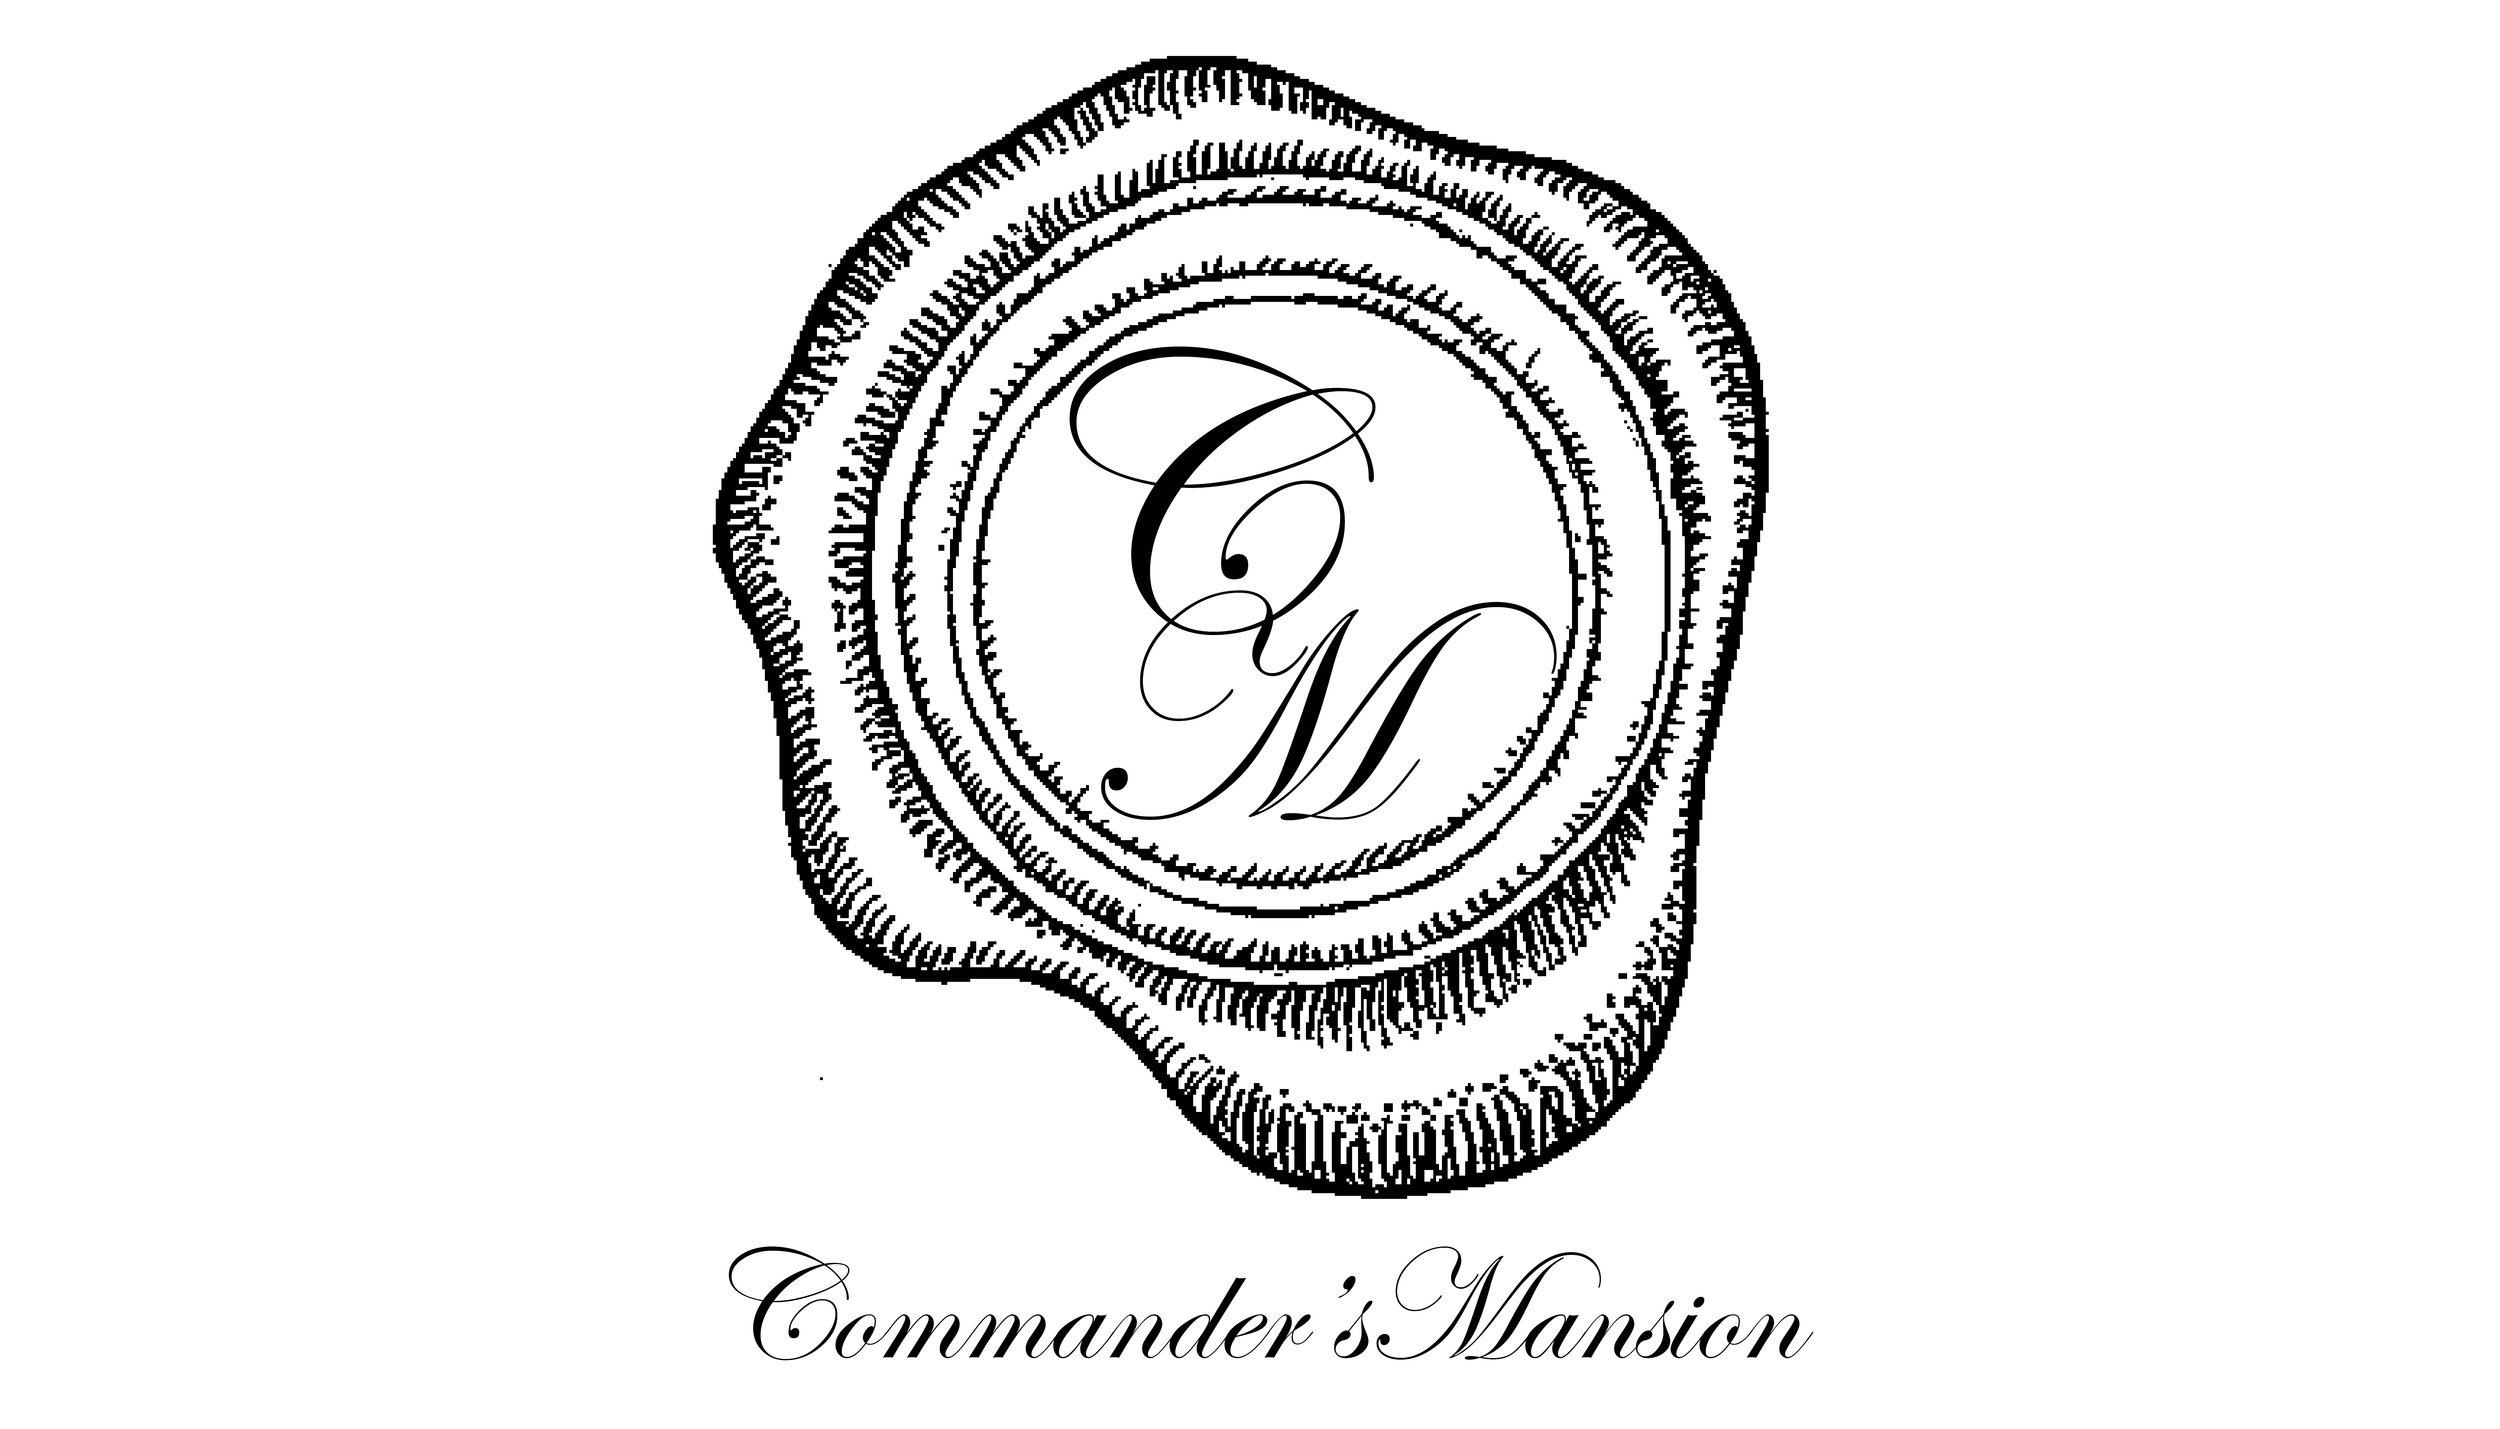 Commanders Mansion.jpg